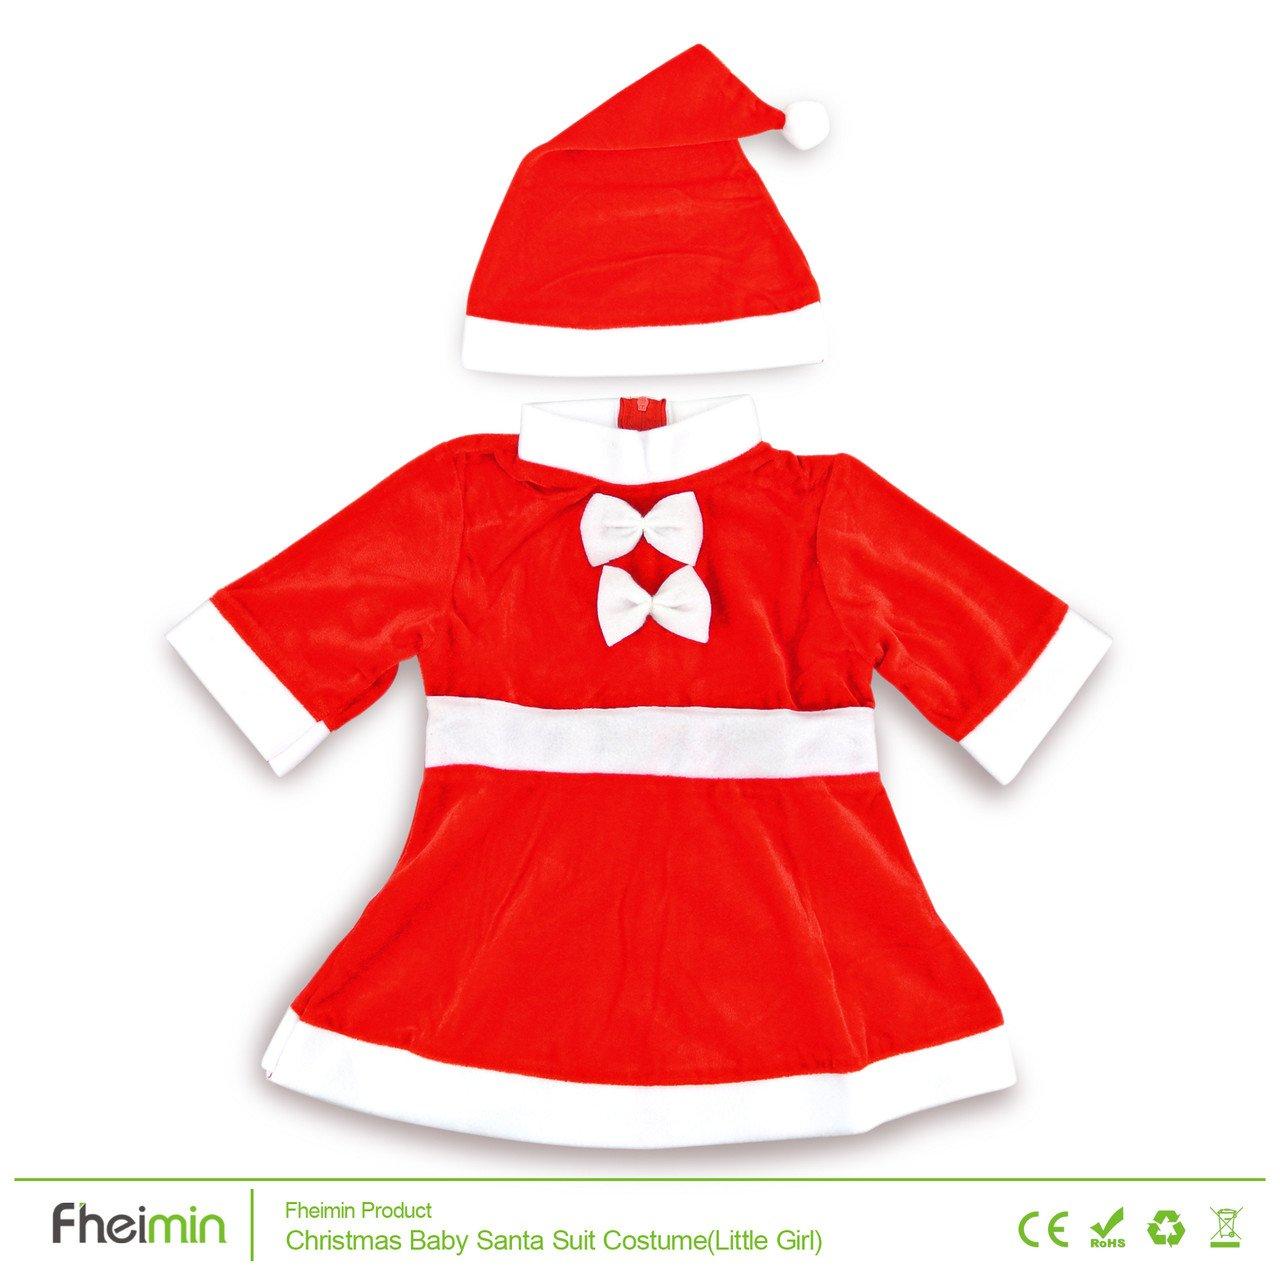 Disfraz Papá Noel de ropa niño Niña Vestido Disfraz para Noel 2 ...